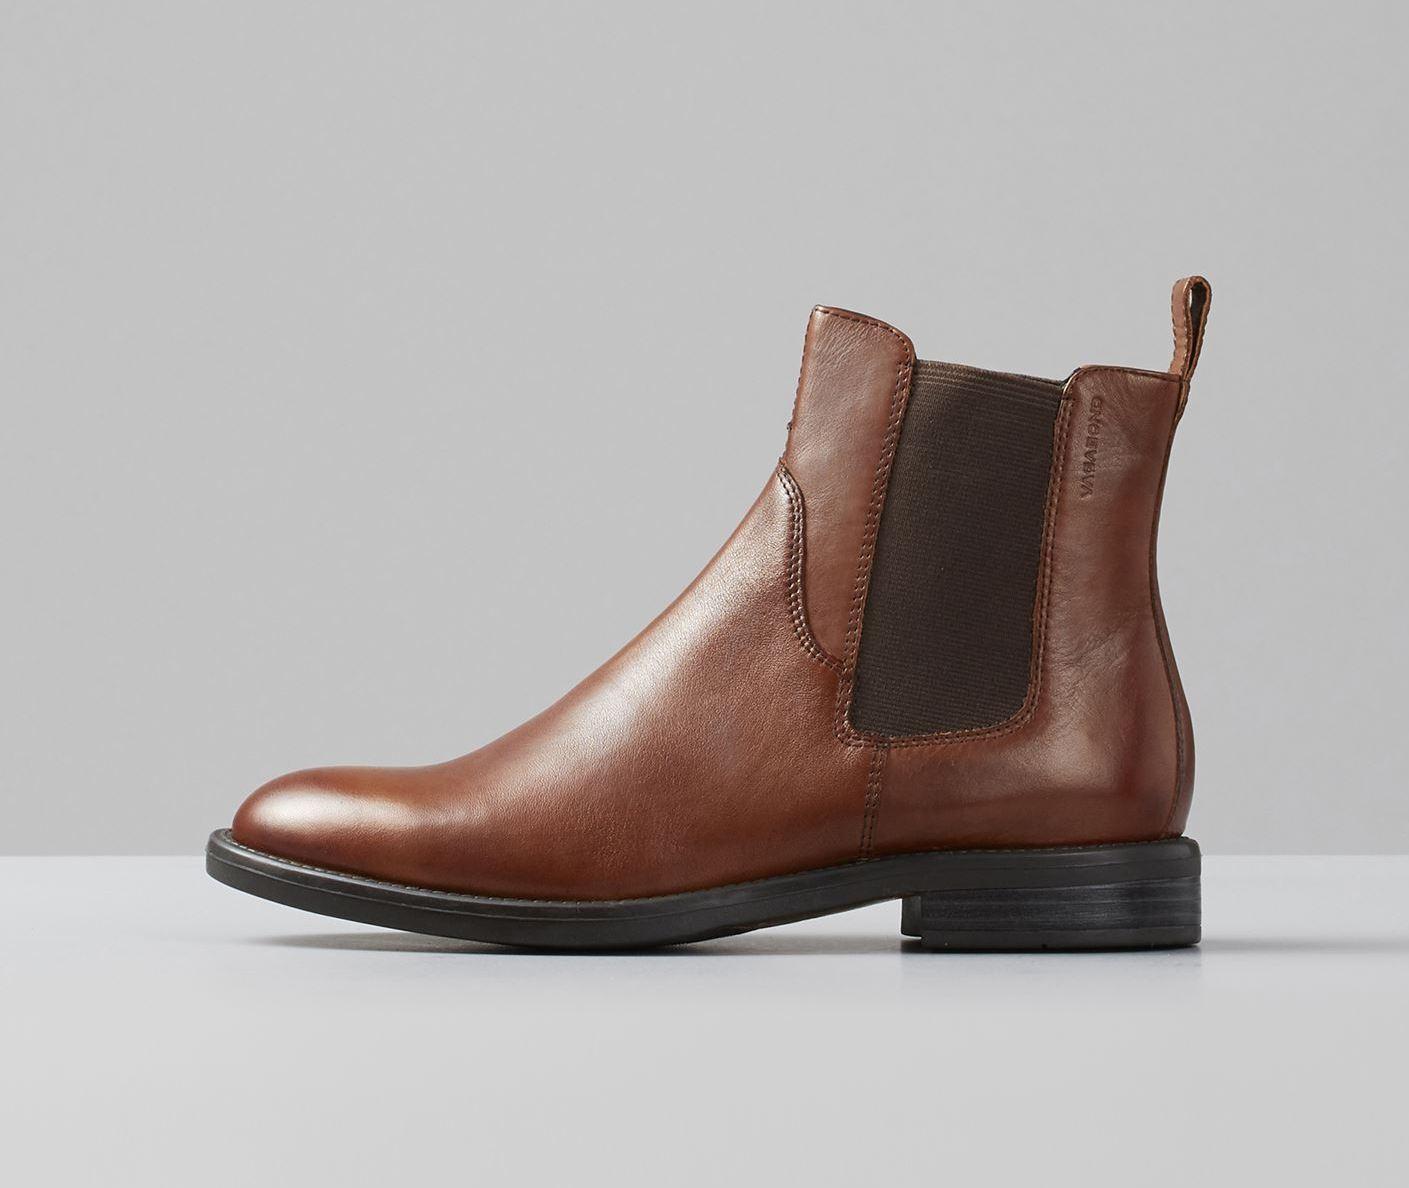 Vagabond Schuh AMINA 4203-801 braun Chelsea Stiefel Echtleder Ankle-Stiefel NEU SALE